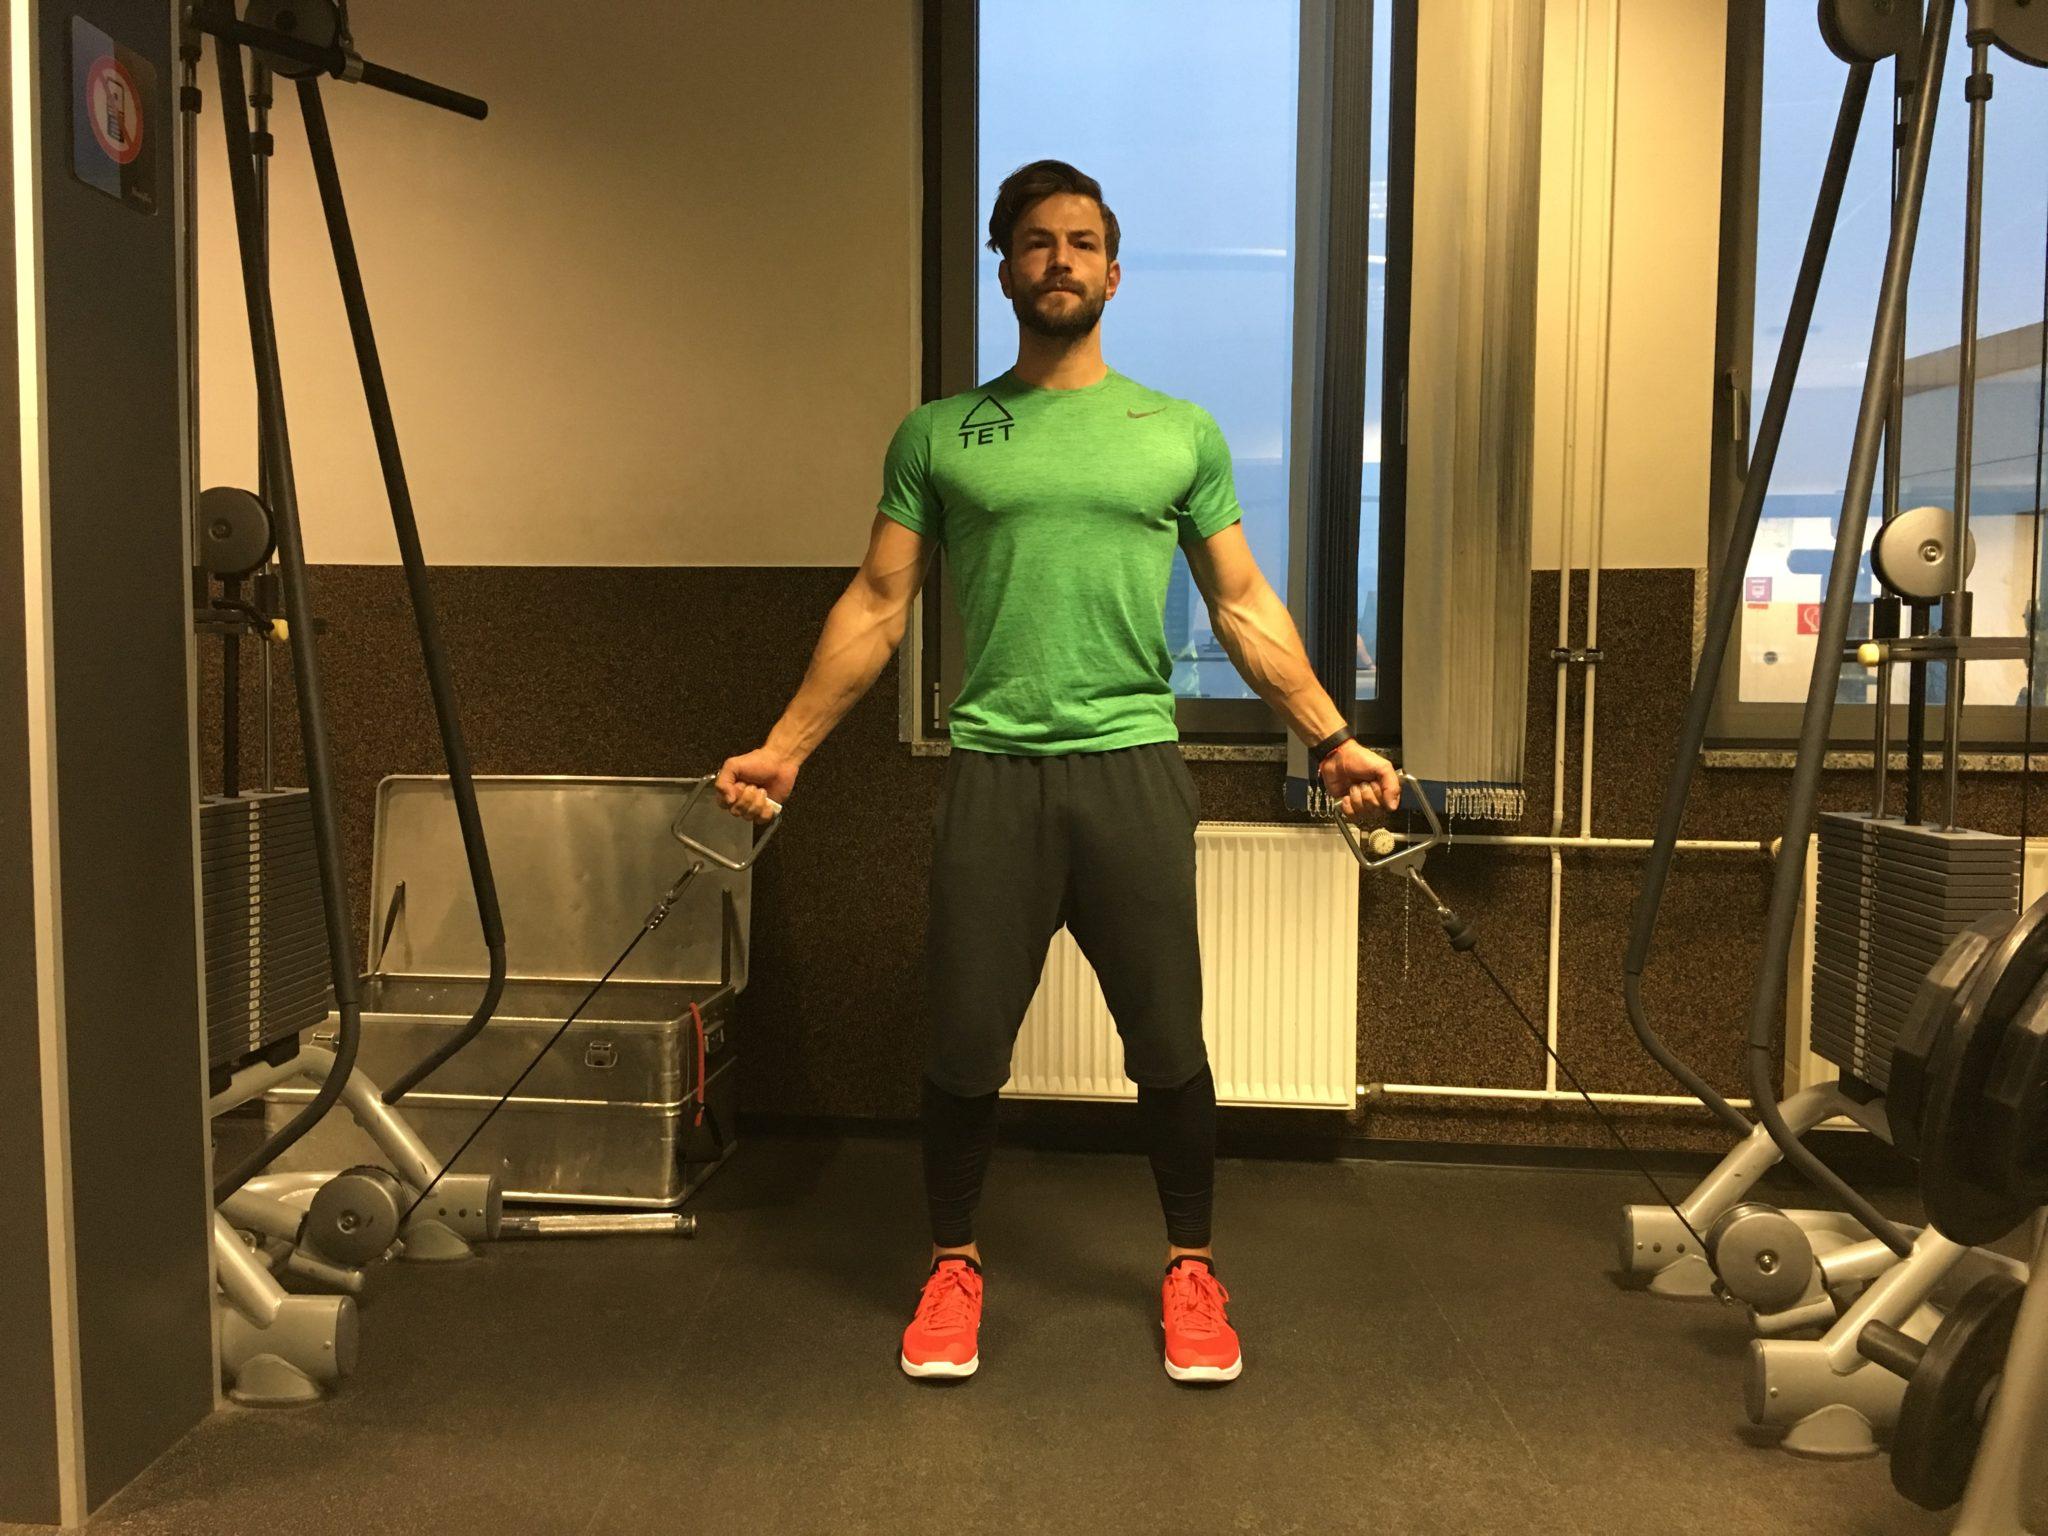 ᐅ Brustmuskeltraining - Die besten Übungen für Dein Brust Workout!